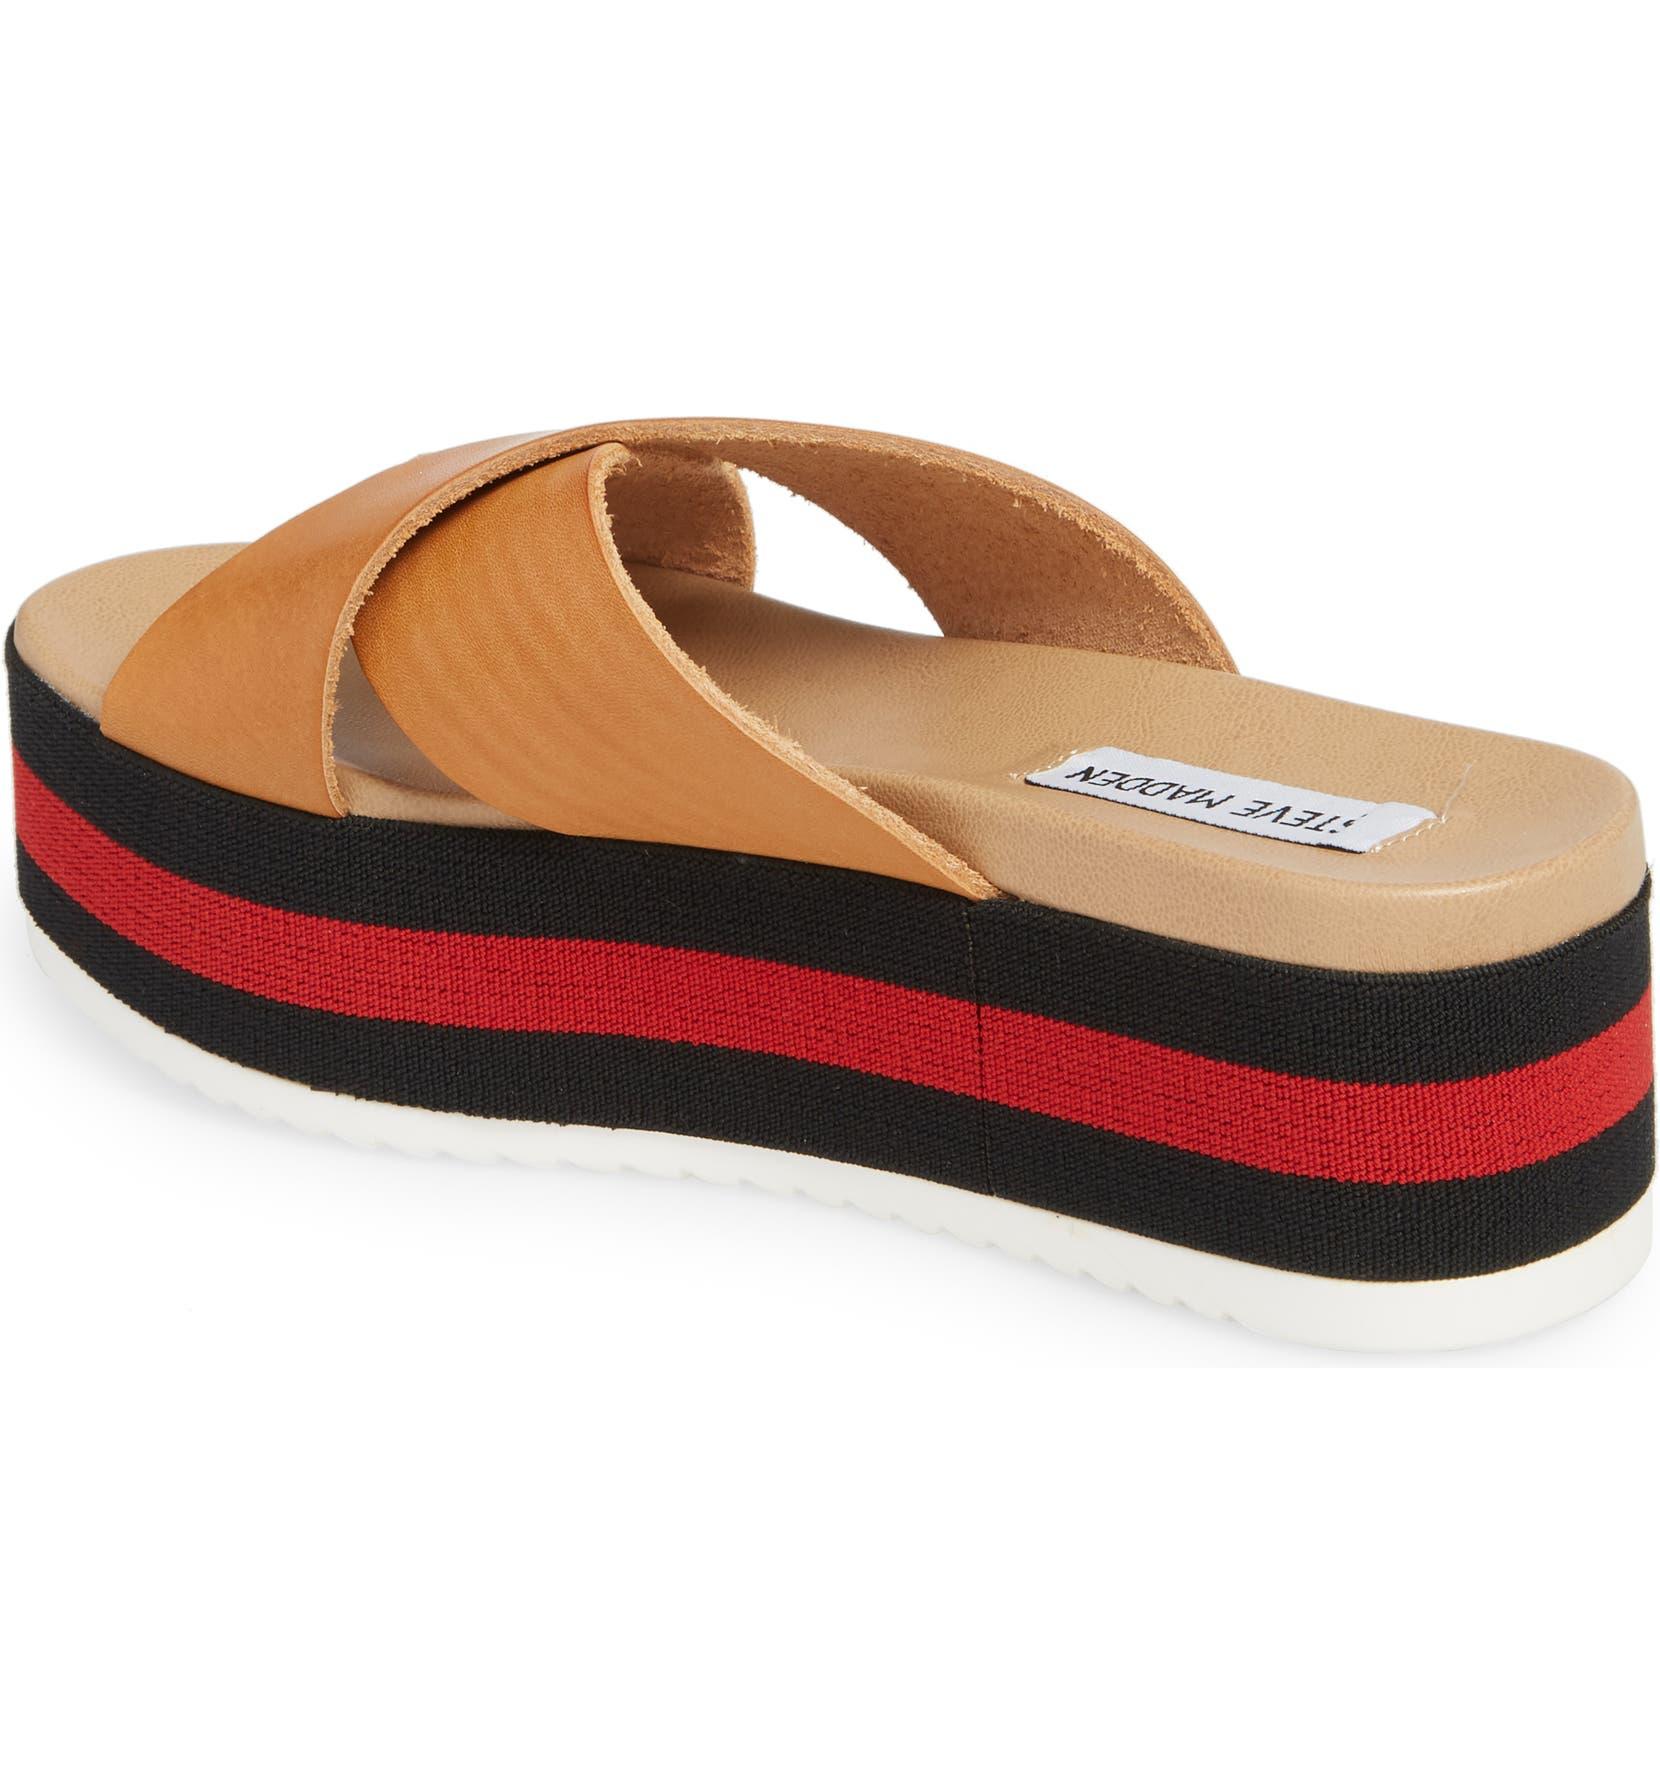 375f91c4323 Steve Madden Asher Slide Sandal (Women)